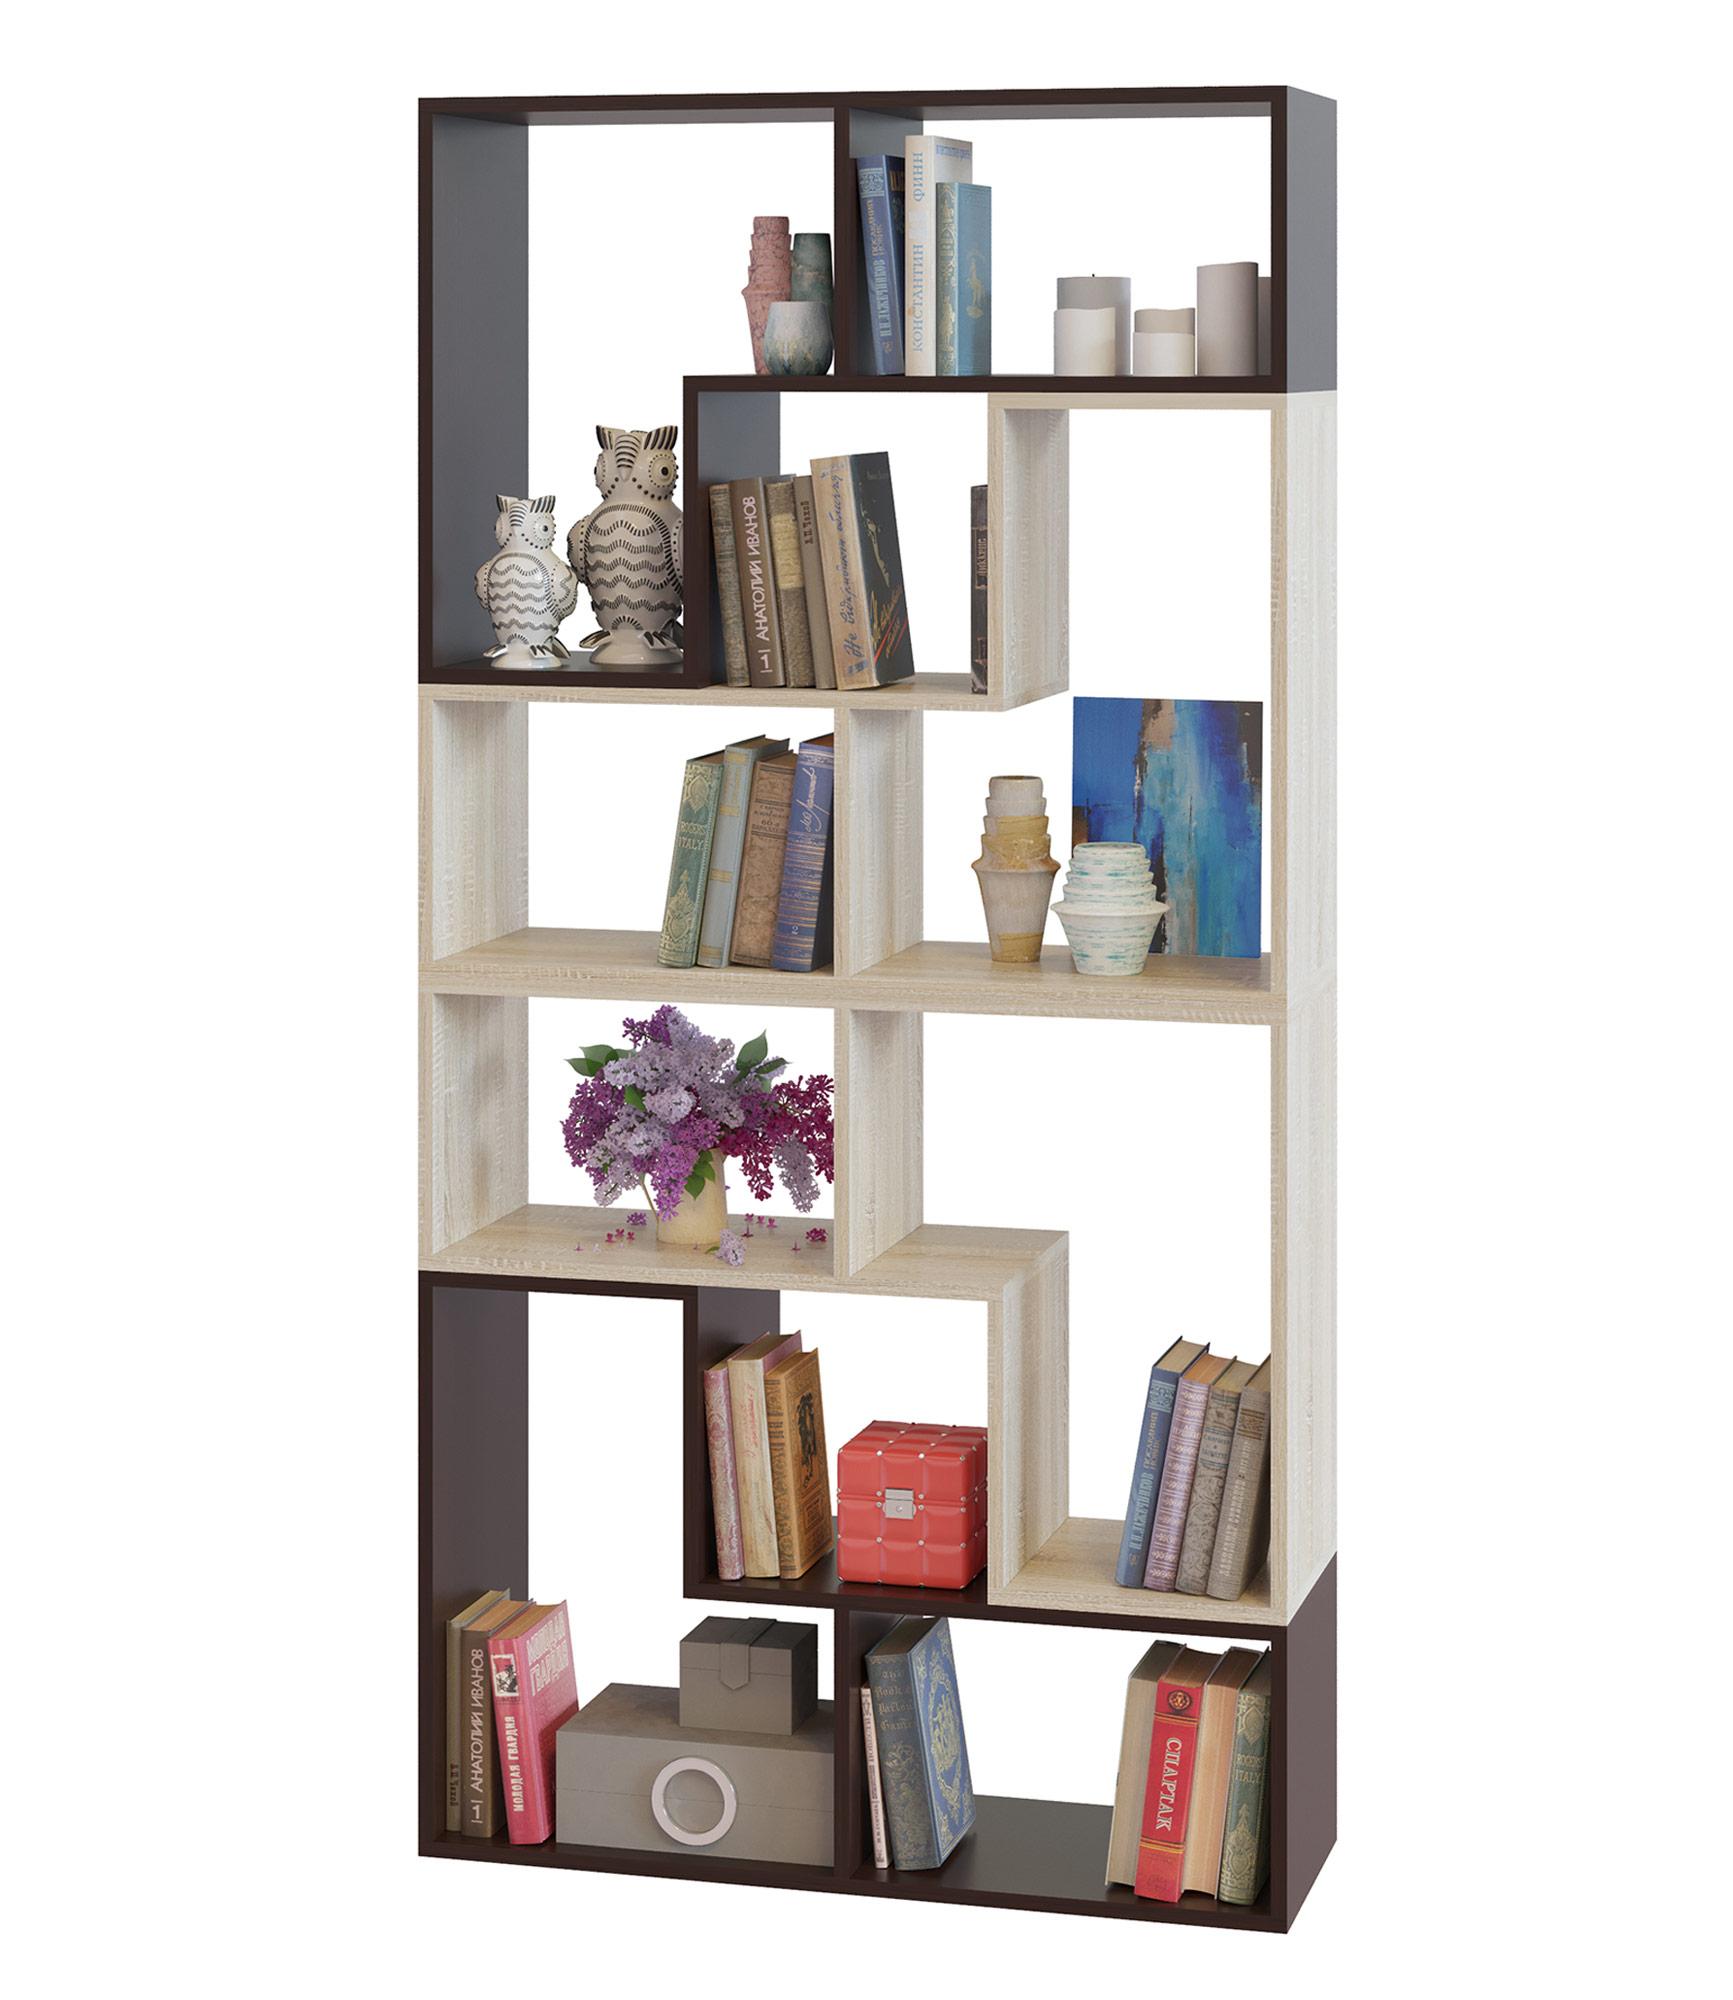 Стеллаж Сокол ПК-94, цвет венге/дуб сонома, ШхГхВ 90х30х180 см. или 120х30х180 см.